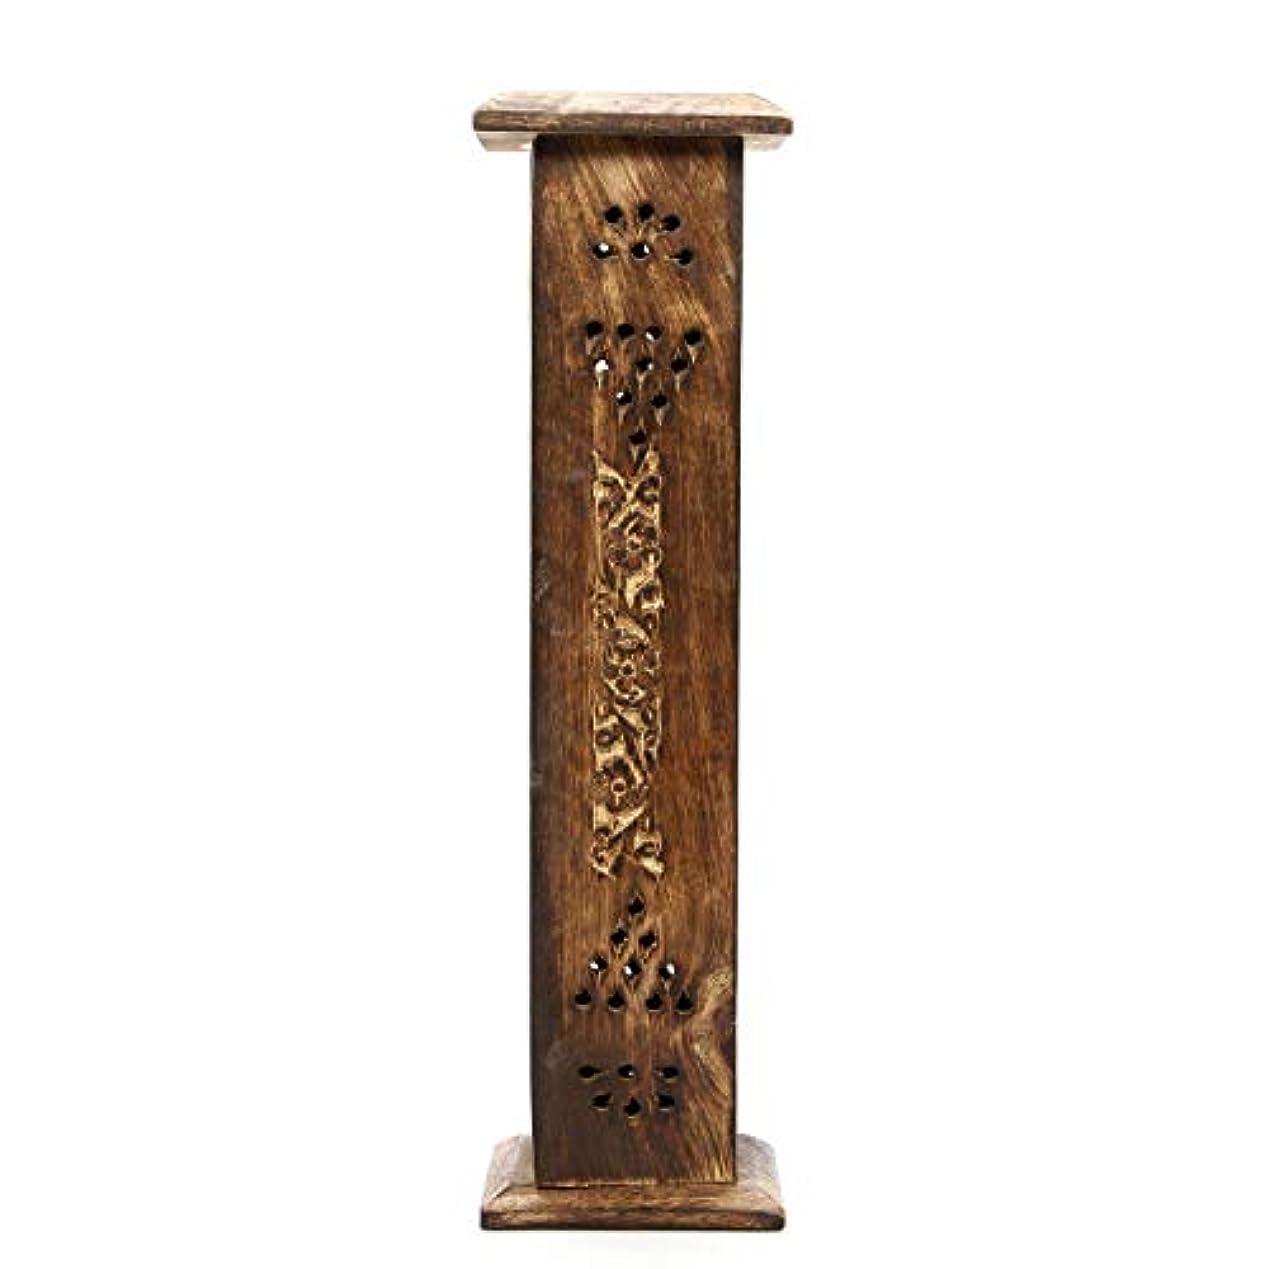 習熟度リマークさておきHosley's Wood Incense Tower with 20 Incense Sticks - 30cm High. Ideal Gift for Aromatherapy, Zen, Spa, Vastu,...